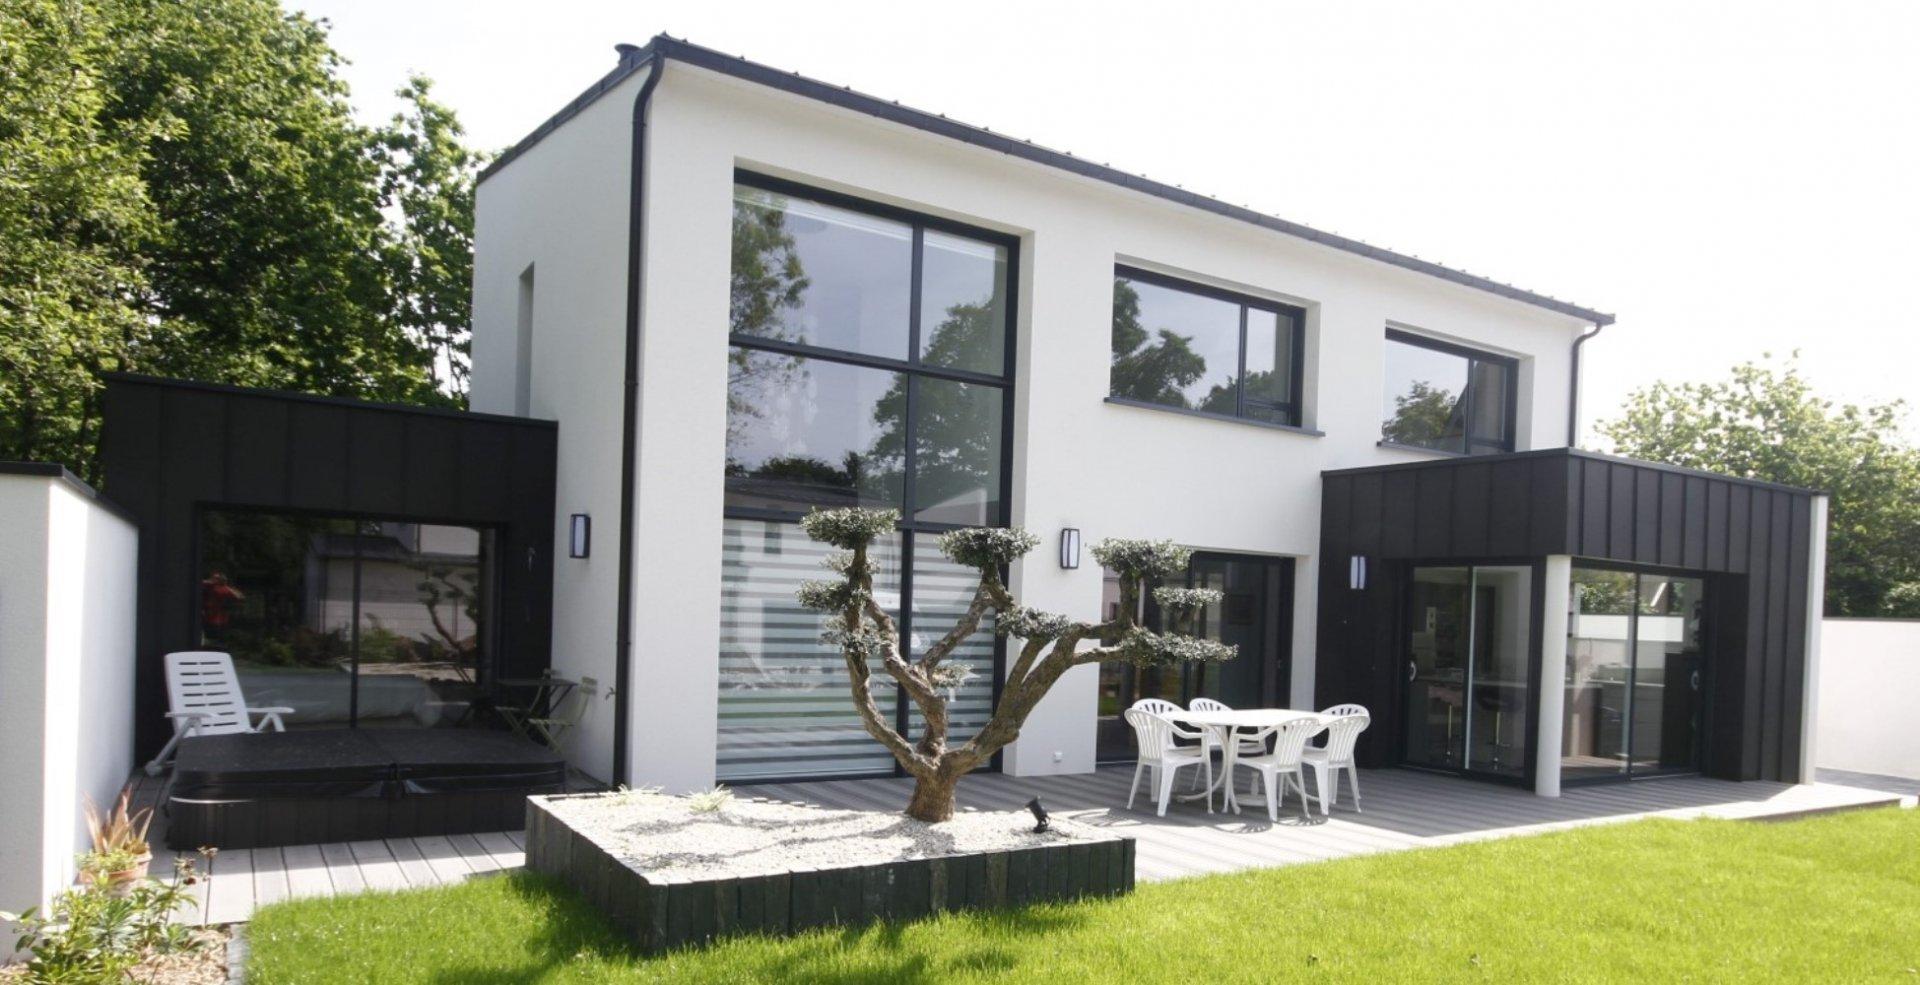 prix d une maison en maisons en bois prix la morne plat conception sign maison bois tarif plan. Black Bedroom Furniture Sets. Home Design Ideas